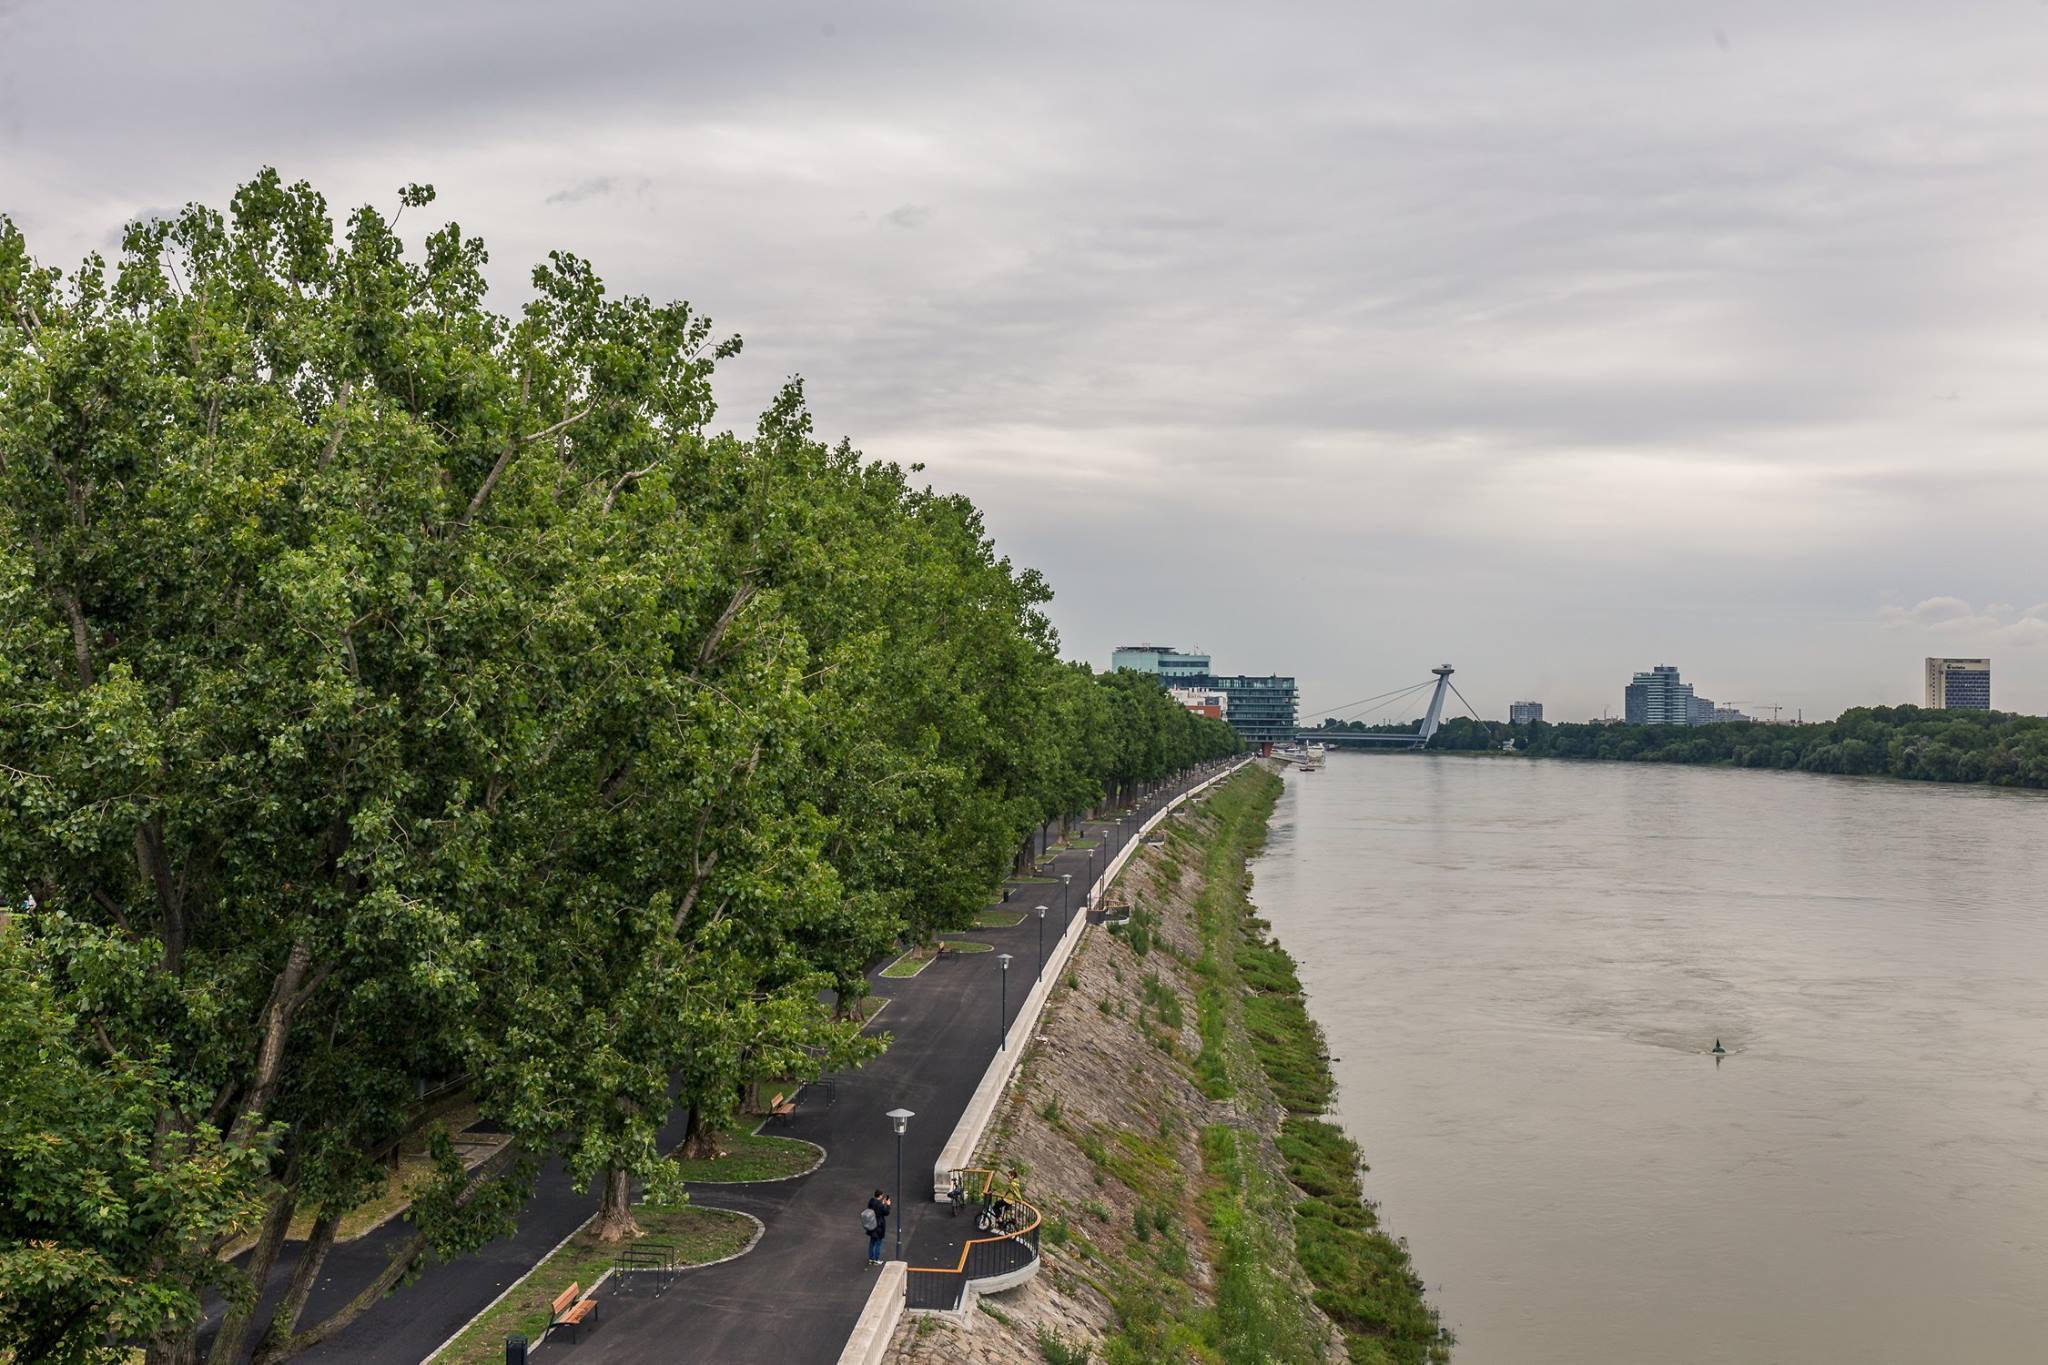 c38c5ed5a Vďaka lepšiemu prepojeniu mesta s riekou by sa podľa odborníkov mohla stať  naozajstnou európskou metropolou.